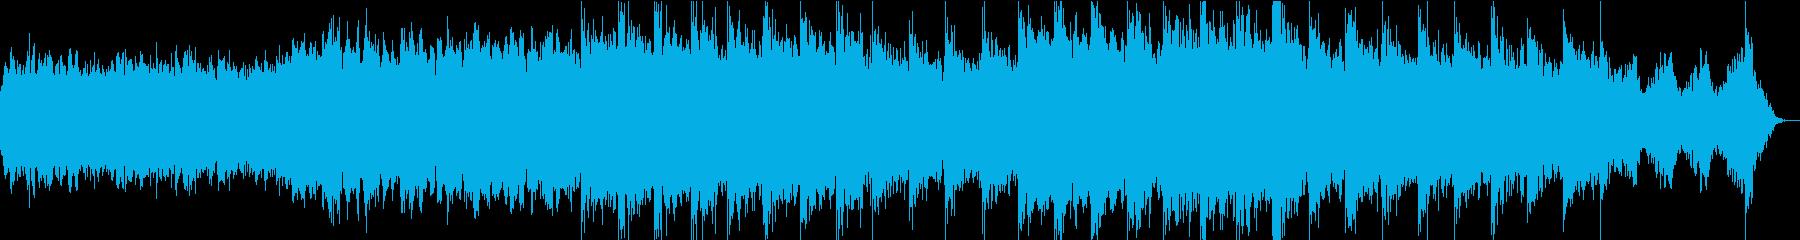 神秘的な宇宙をイメージしたBGMの再生済みの波形